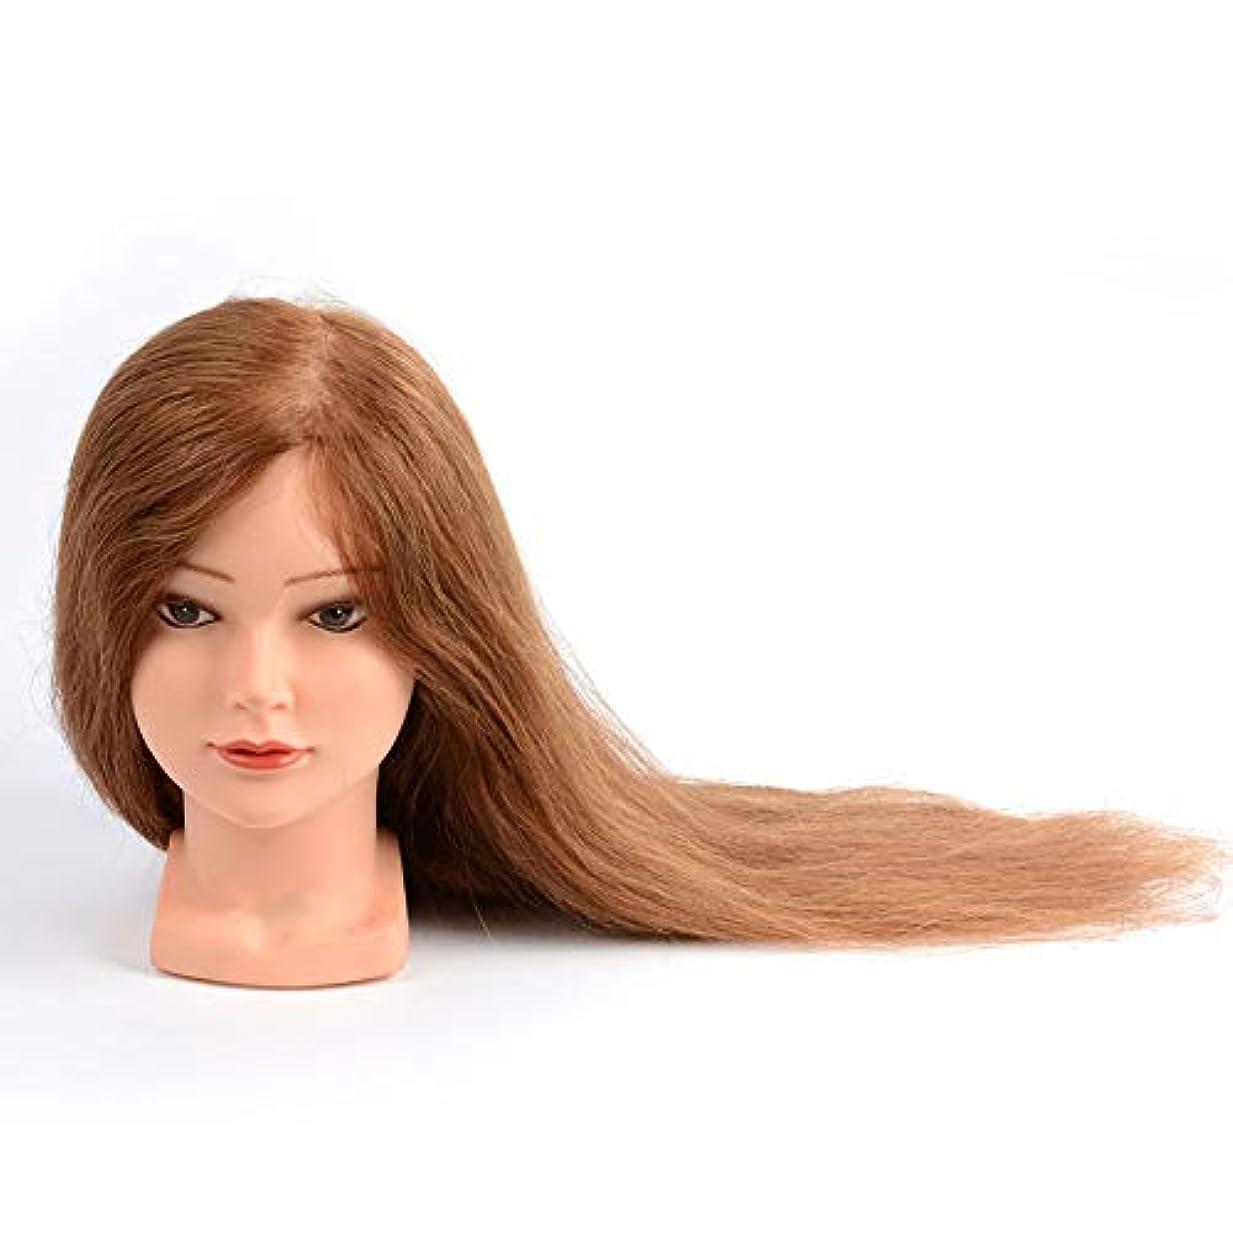 材料同行復讐実在の人の髪のダミーヘッド理髪店学習パーマ髪染めウィッグモデルヘッド花嫁メイクスタイル教育ヘッド